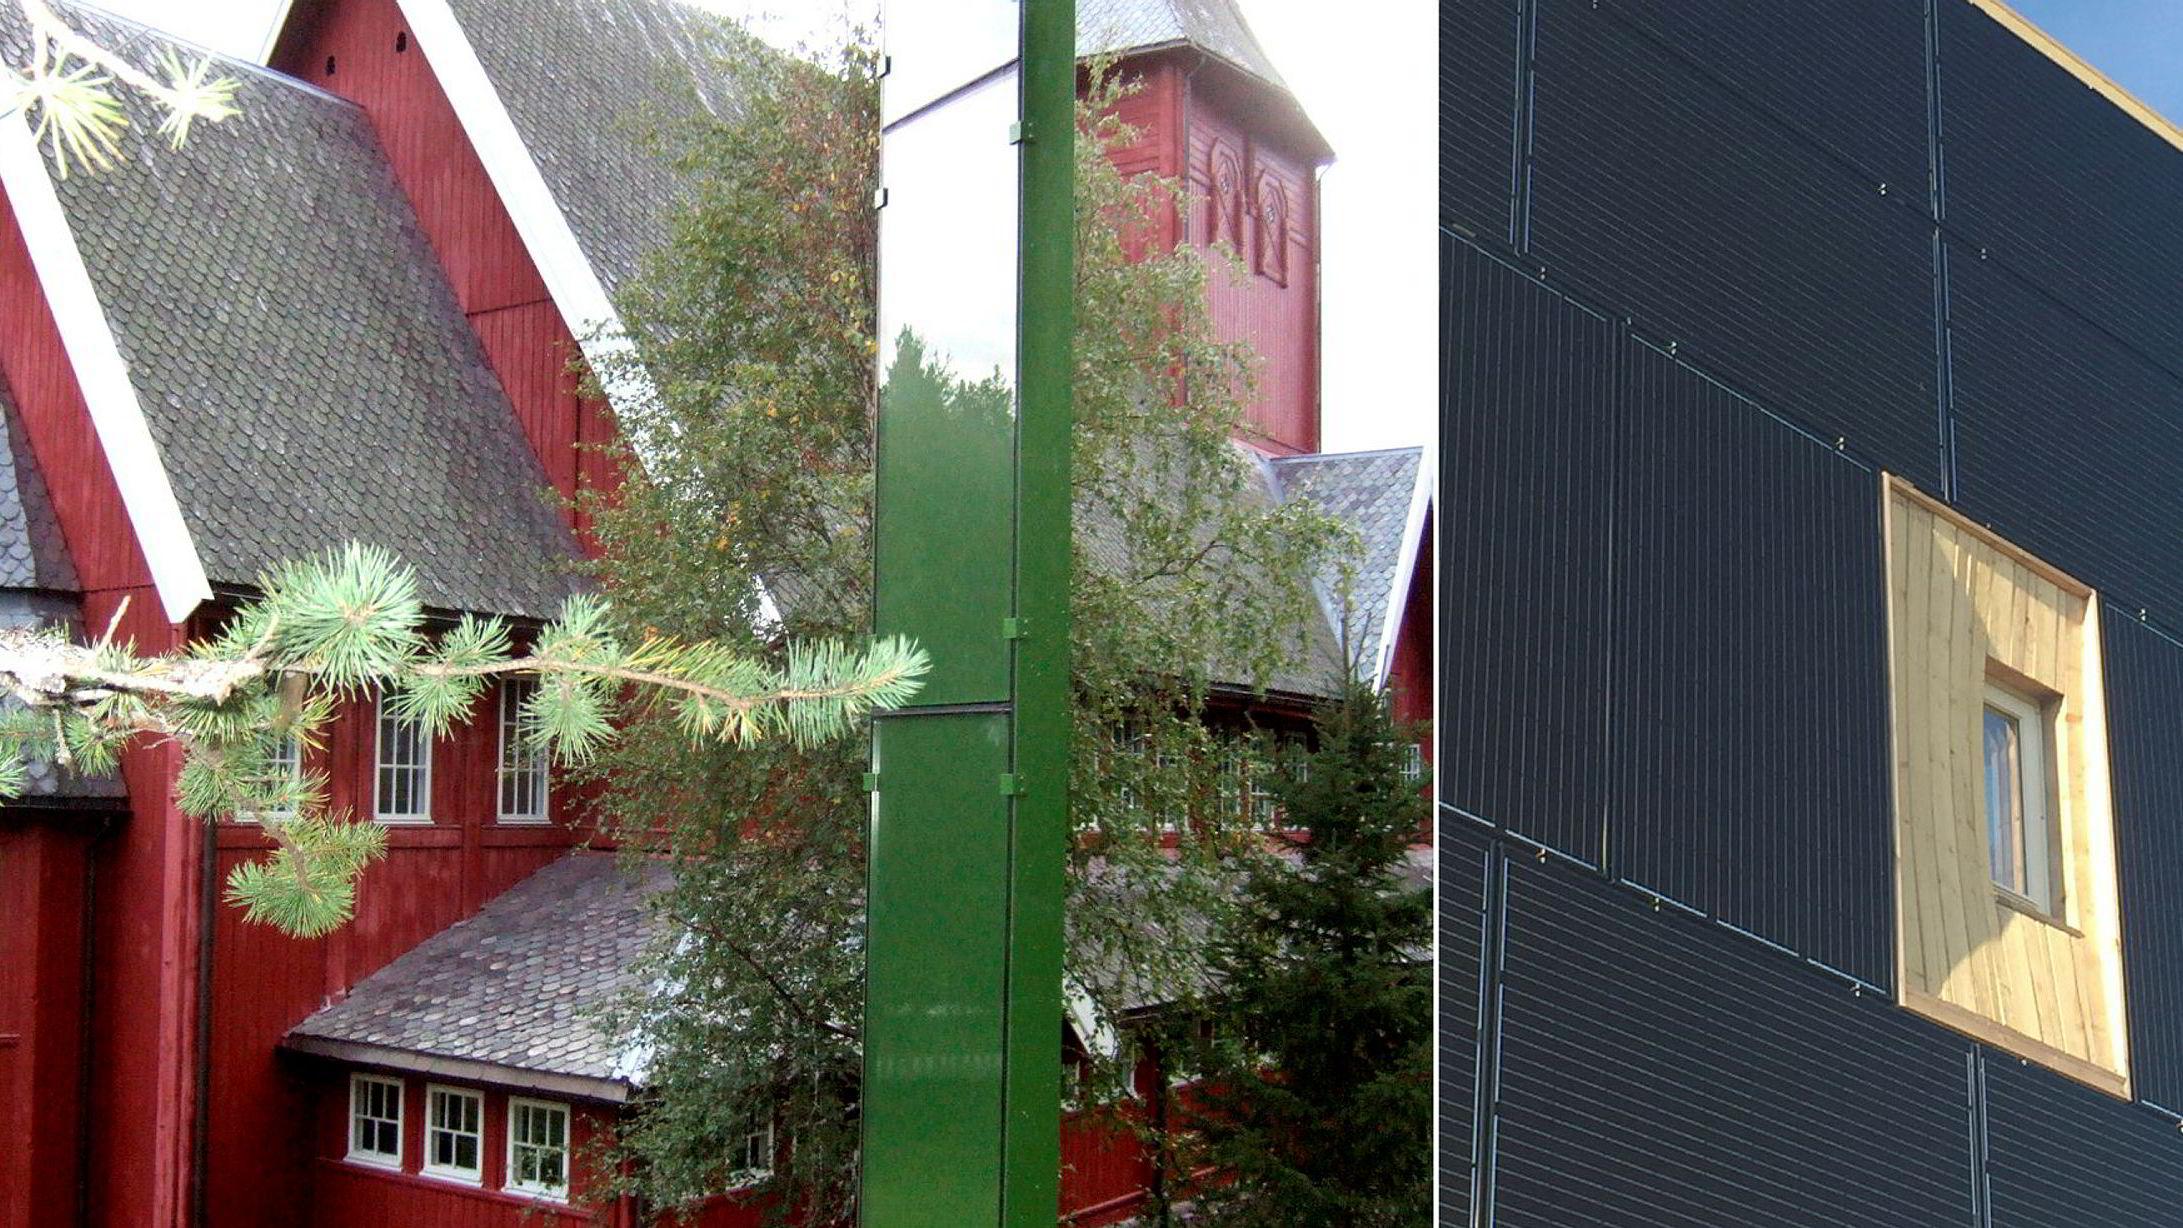 Her et eksempel på On site, solfangeranlegg i avstand fra den vernede Hol Kirke, og et eksempel på Within, solfangeranlegg i fasaden som erstatter andre tradisjonelle fasadematerialerpå en bolig i Kolnes i Randaberg, for eksempel metaller og stein som ofte er mer kostbare enn solceller.